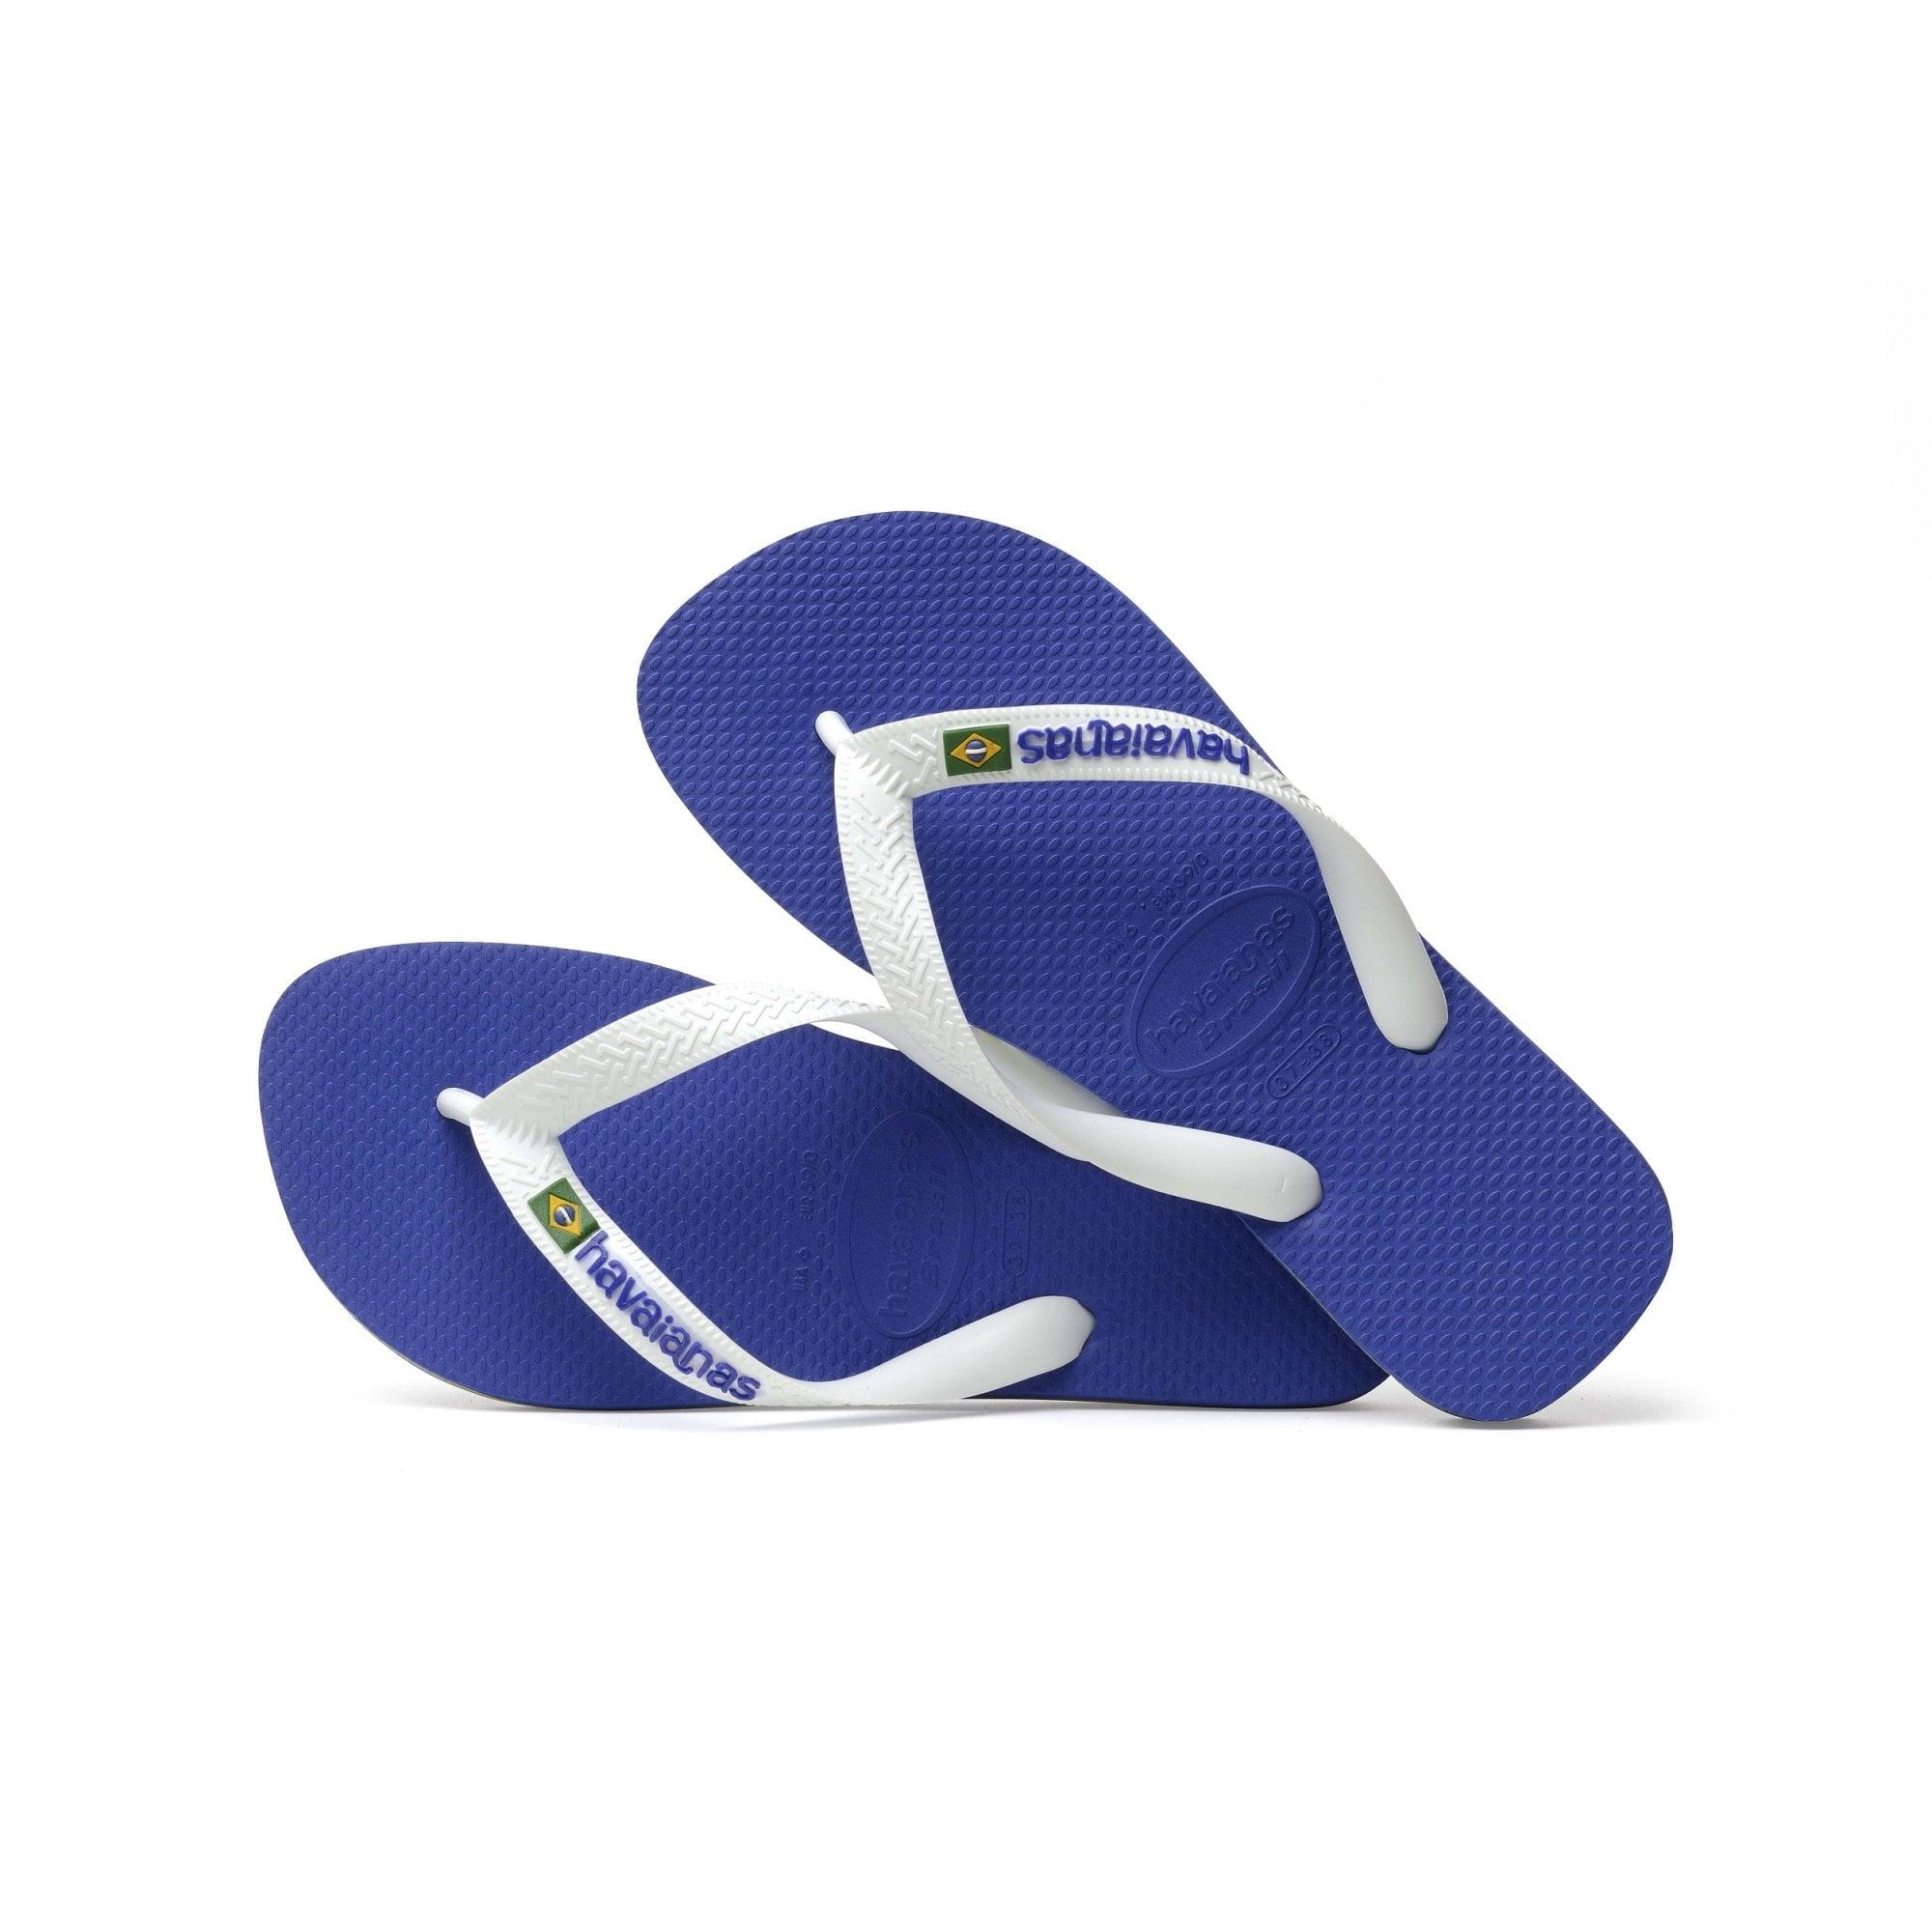 fea0d9e0f Brasil Logo Flip Flops in Marine Blue